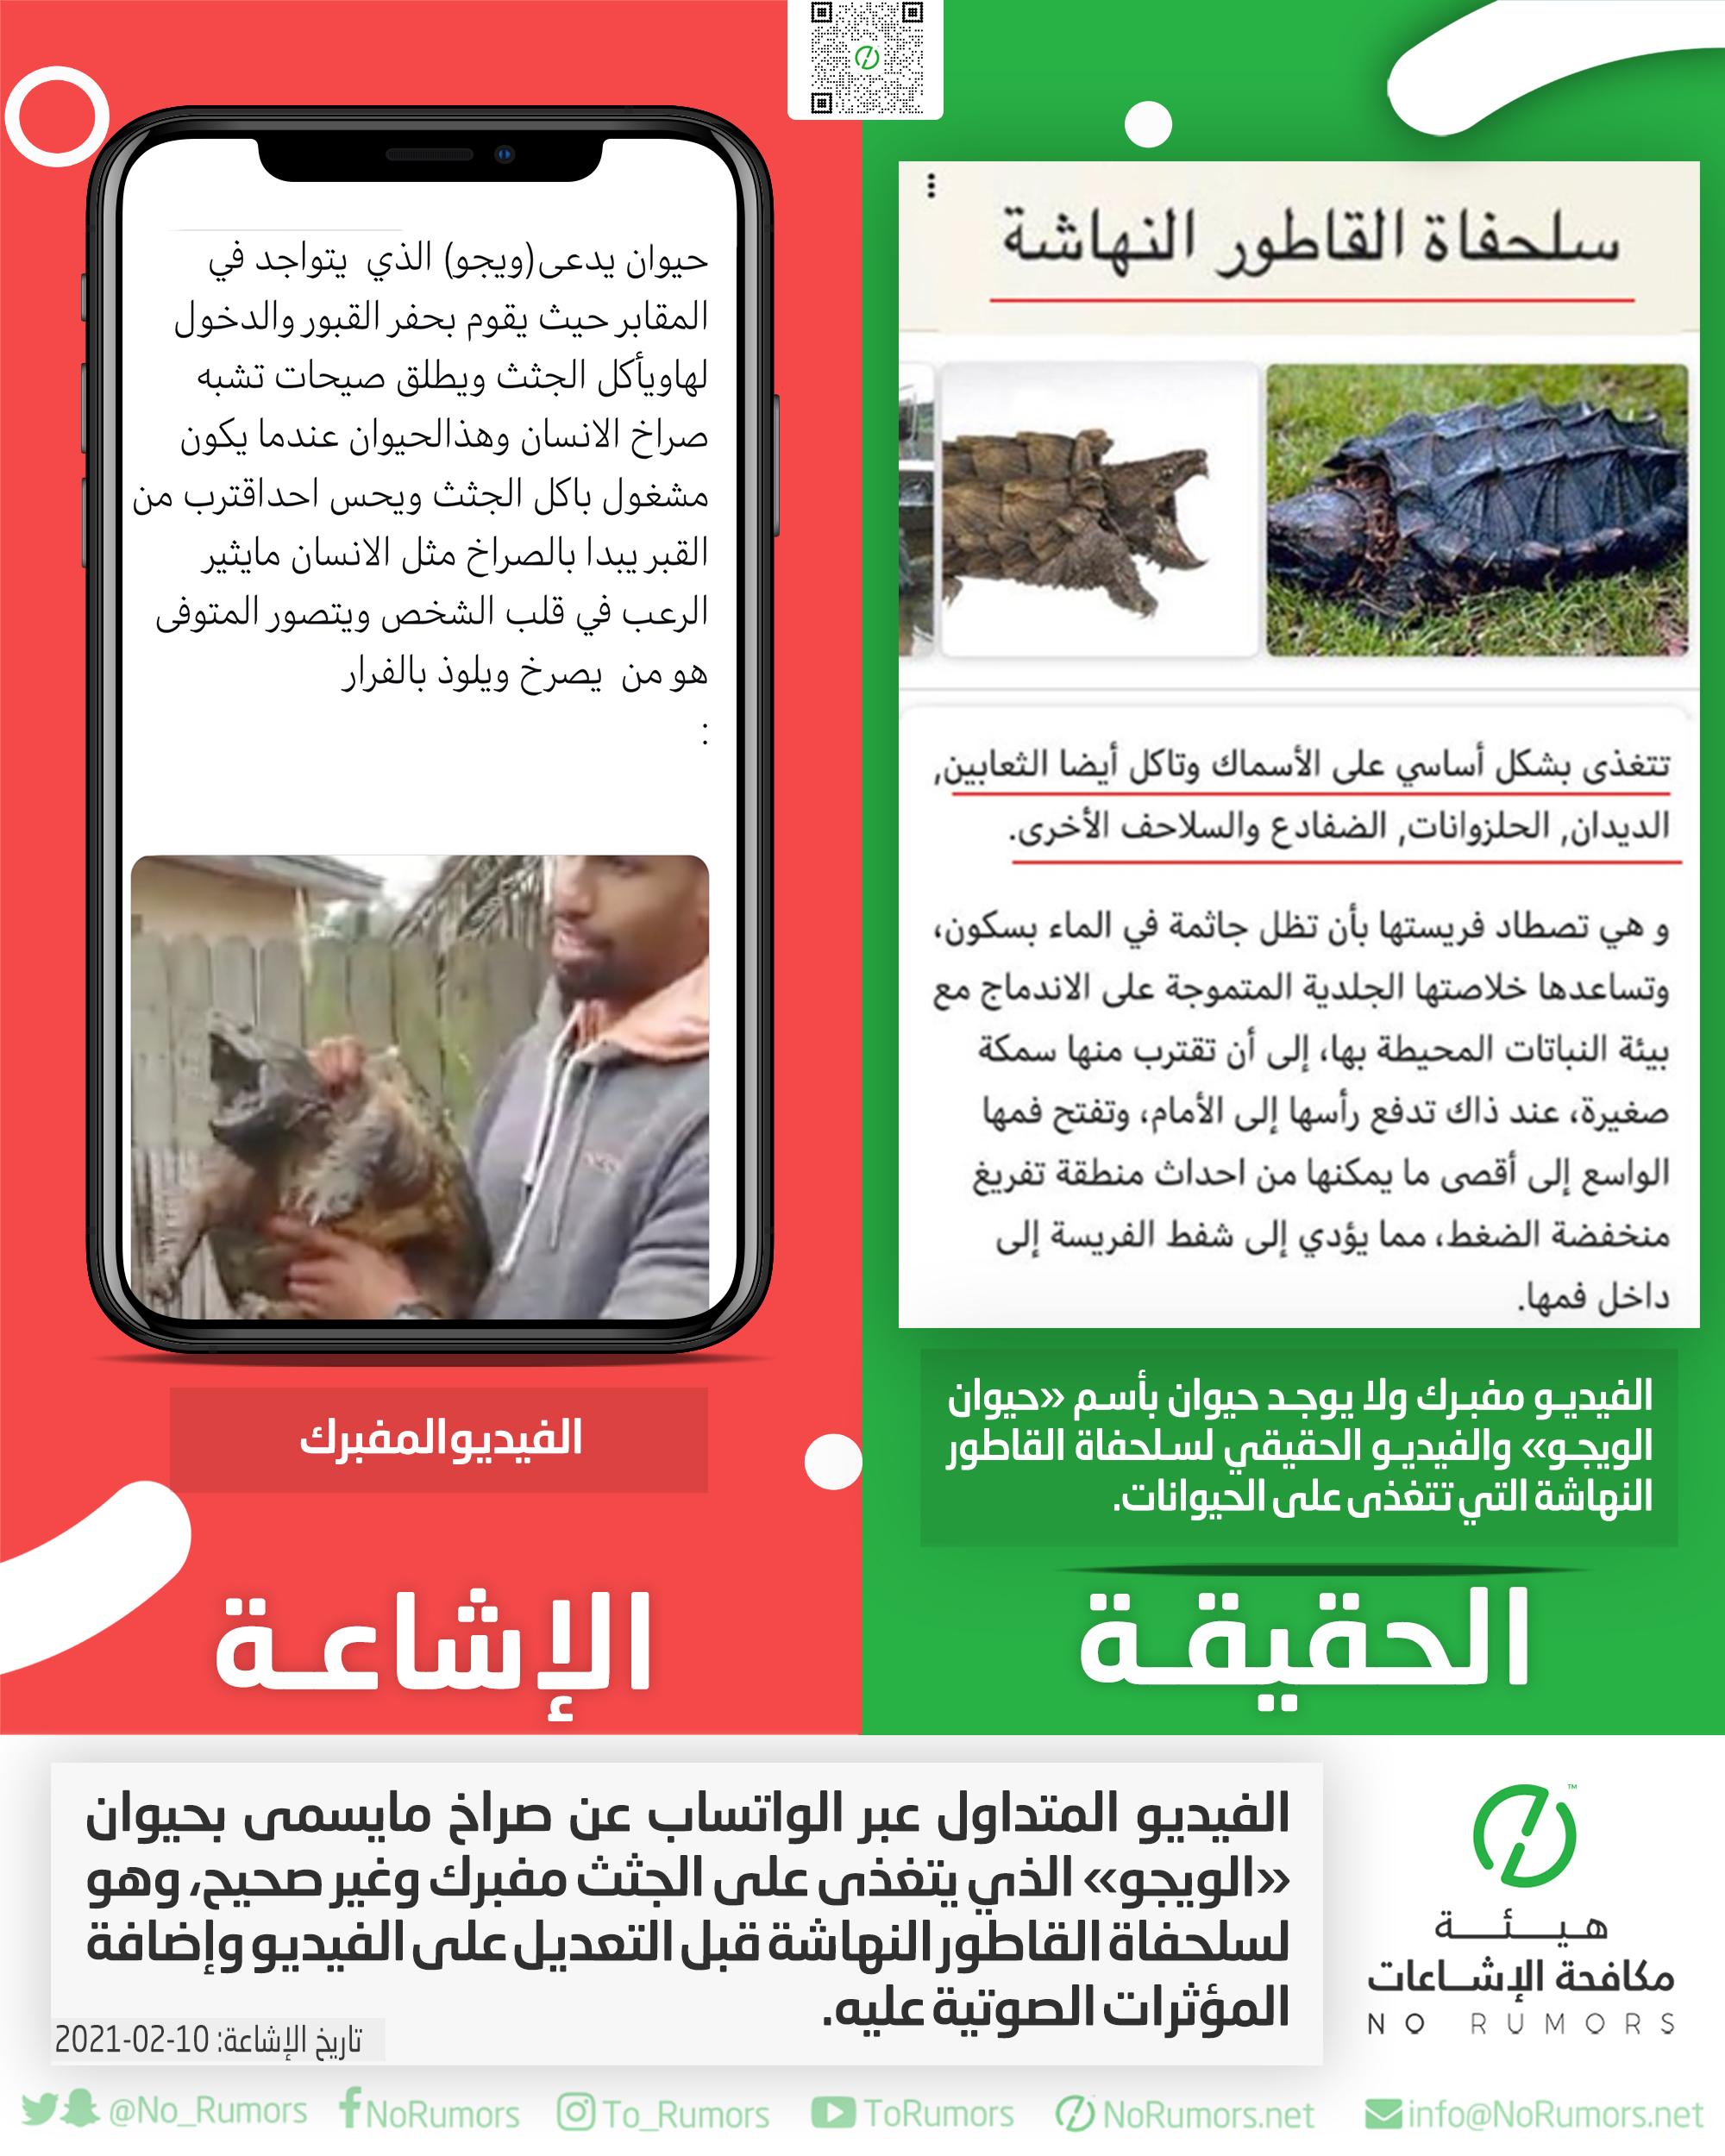 حقيقة الفيديو المتداول عبر الواتساب عن صراخ مايسمى بحيوان «الويجو»